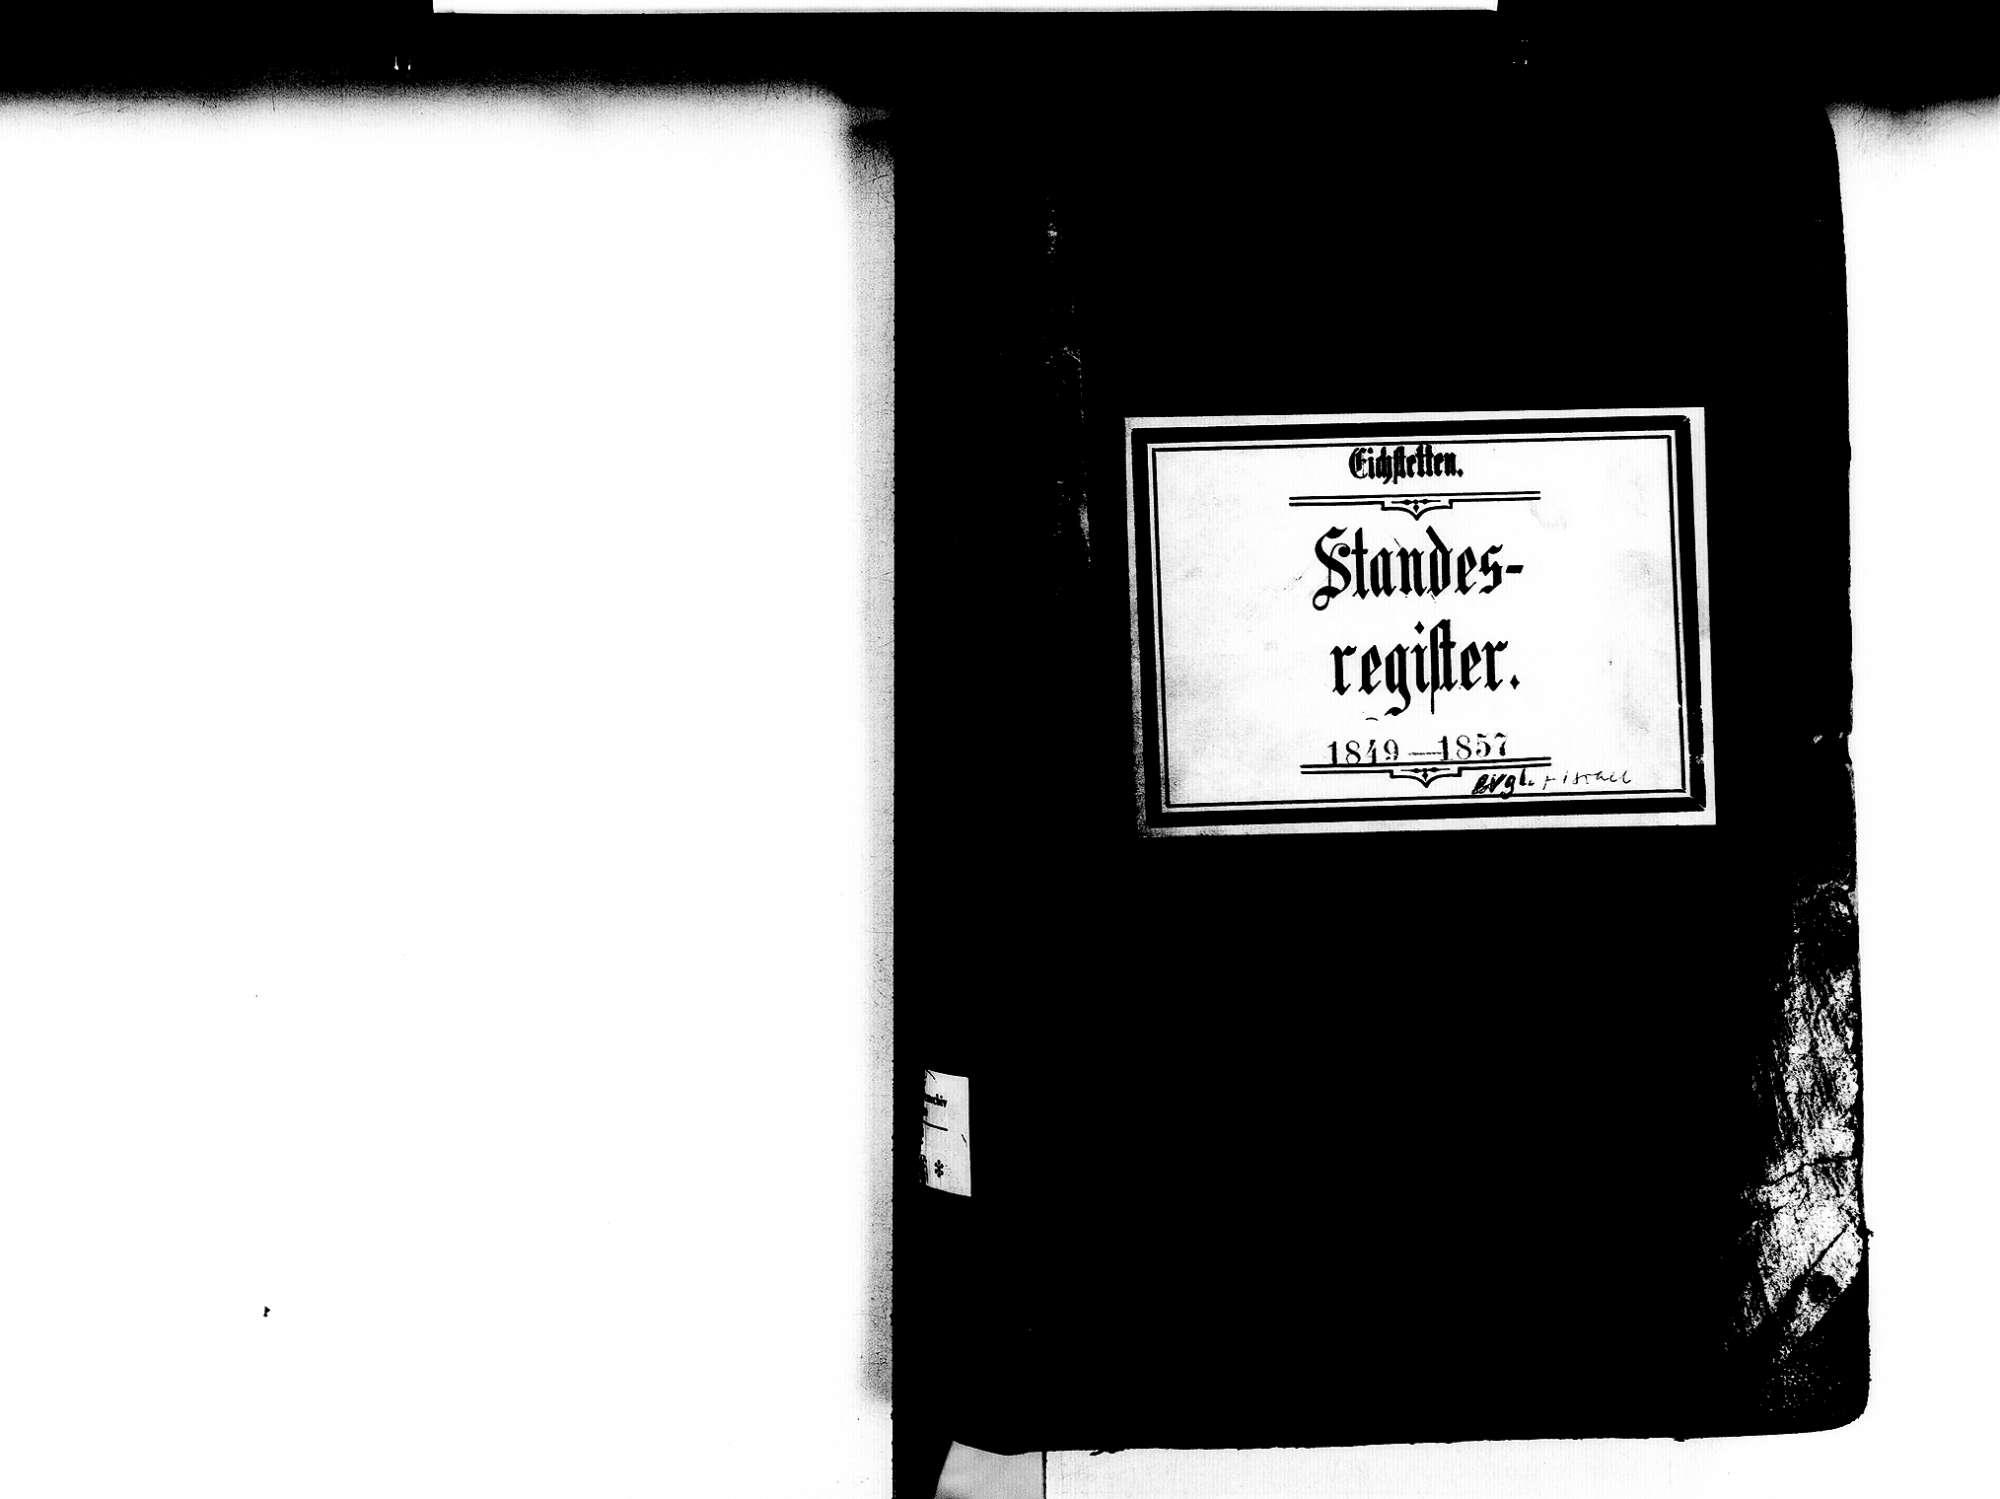 Eichstetten FR; Evangelische Gemeinde: Standesbuch 1849-1857 Eichstetten FR; Israelitische Gemeinde: Standesbuch 1849-1857, Bild 2